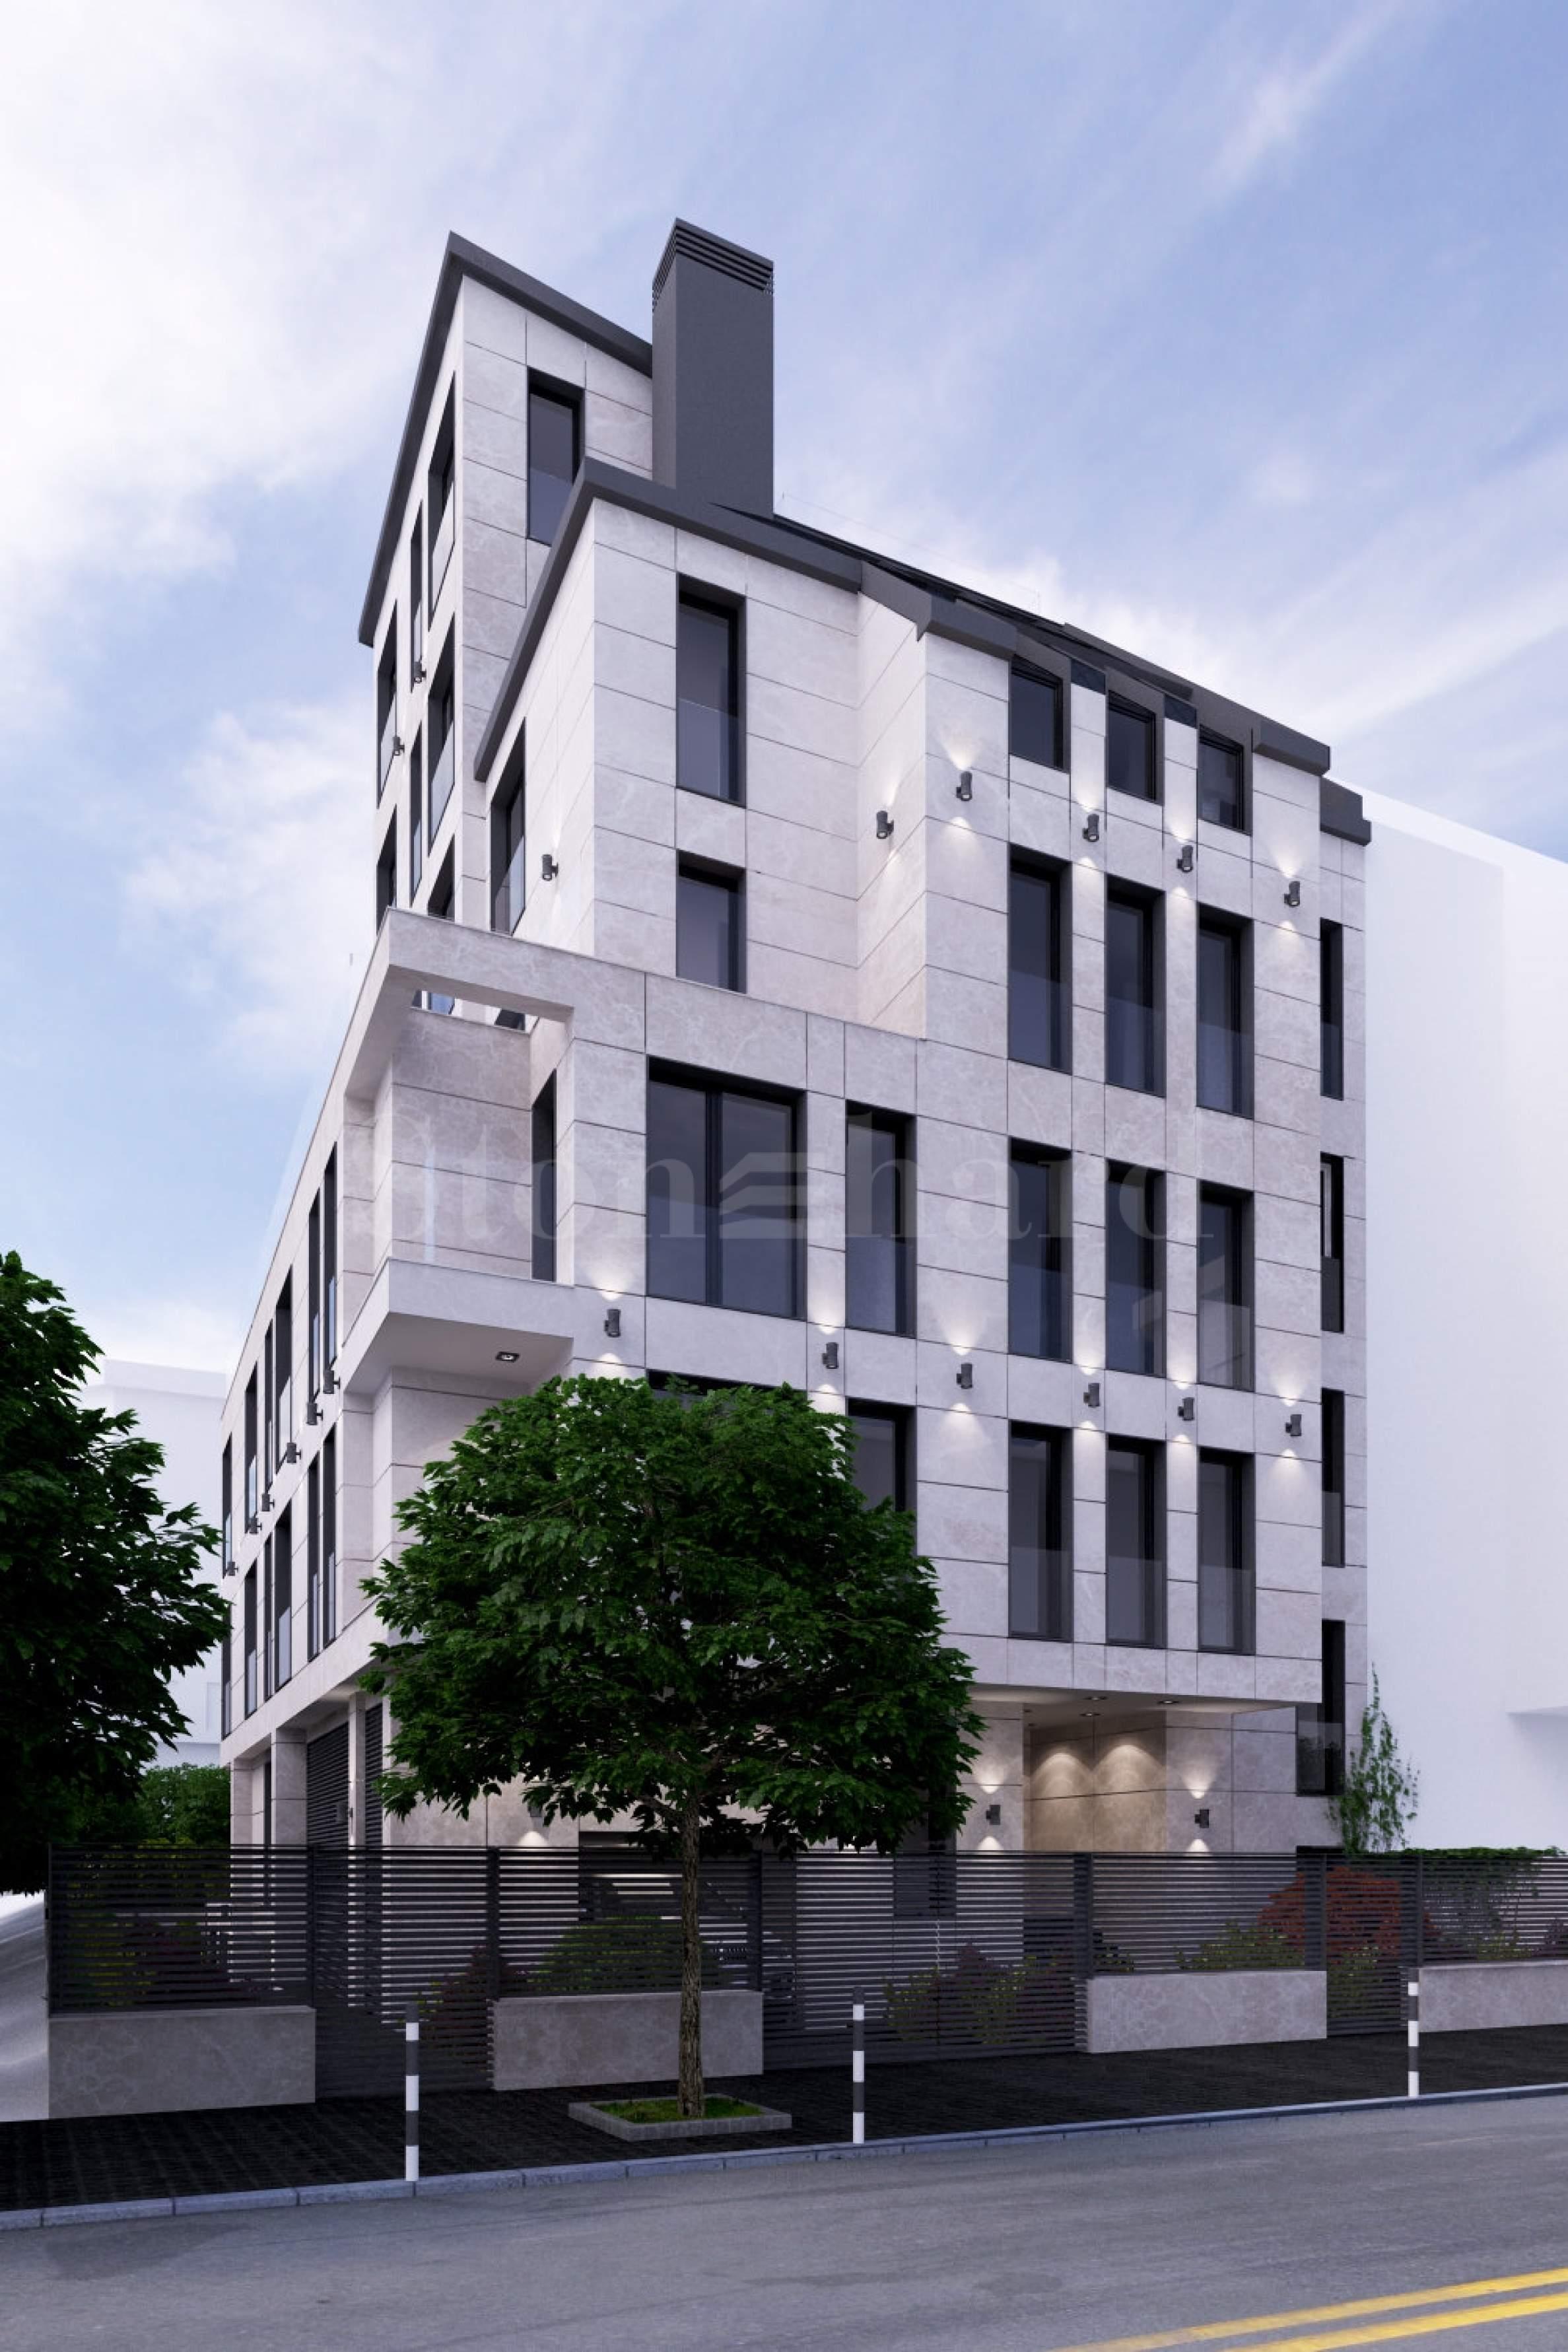 DV_Luxury Residence - малка бутикова сграда от най-висок клас1 - Stonehard